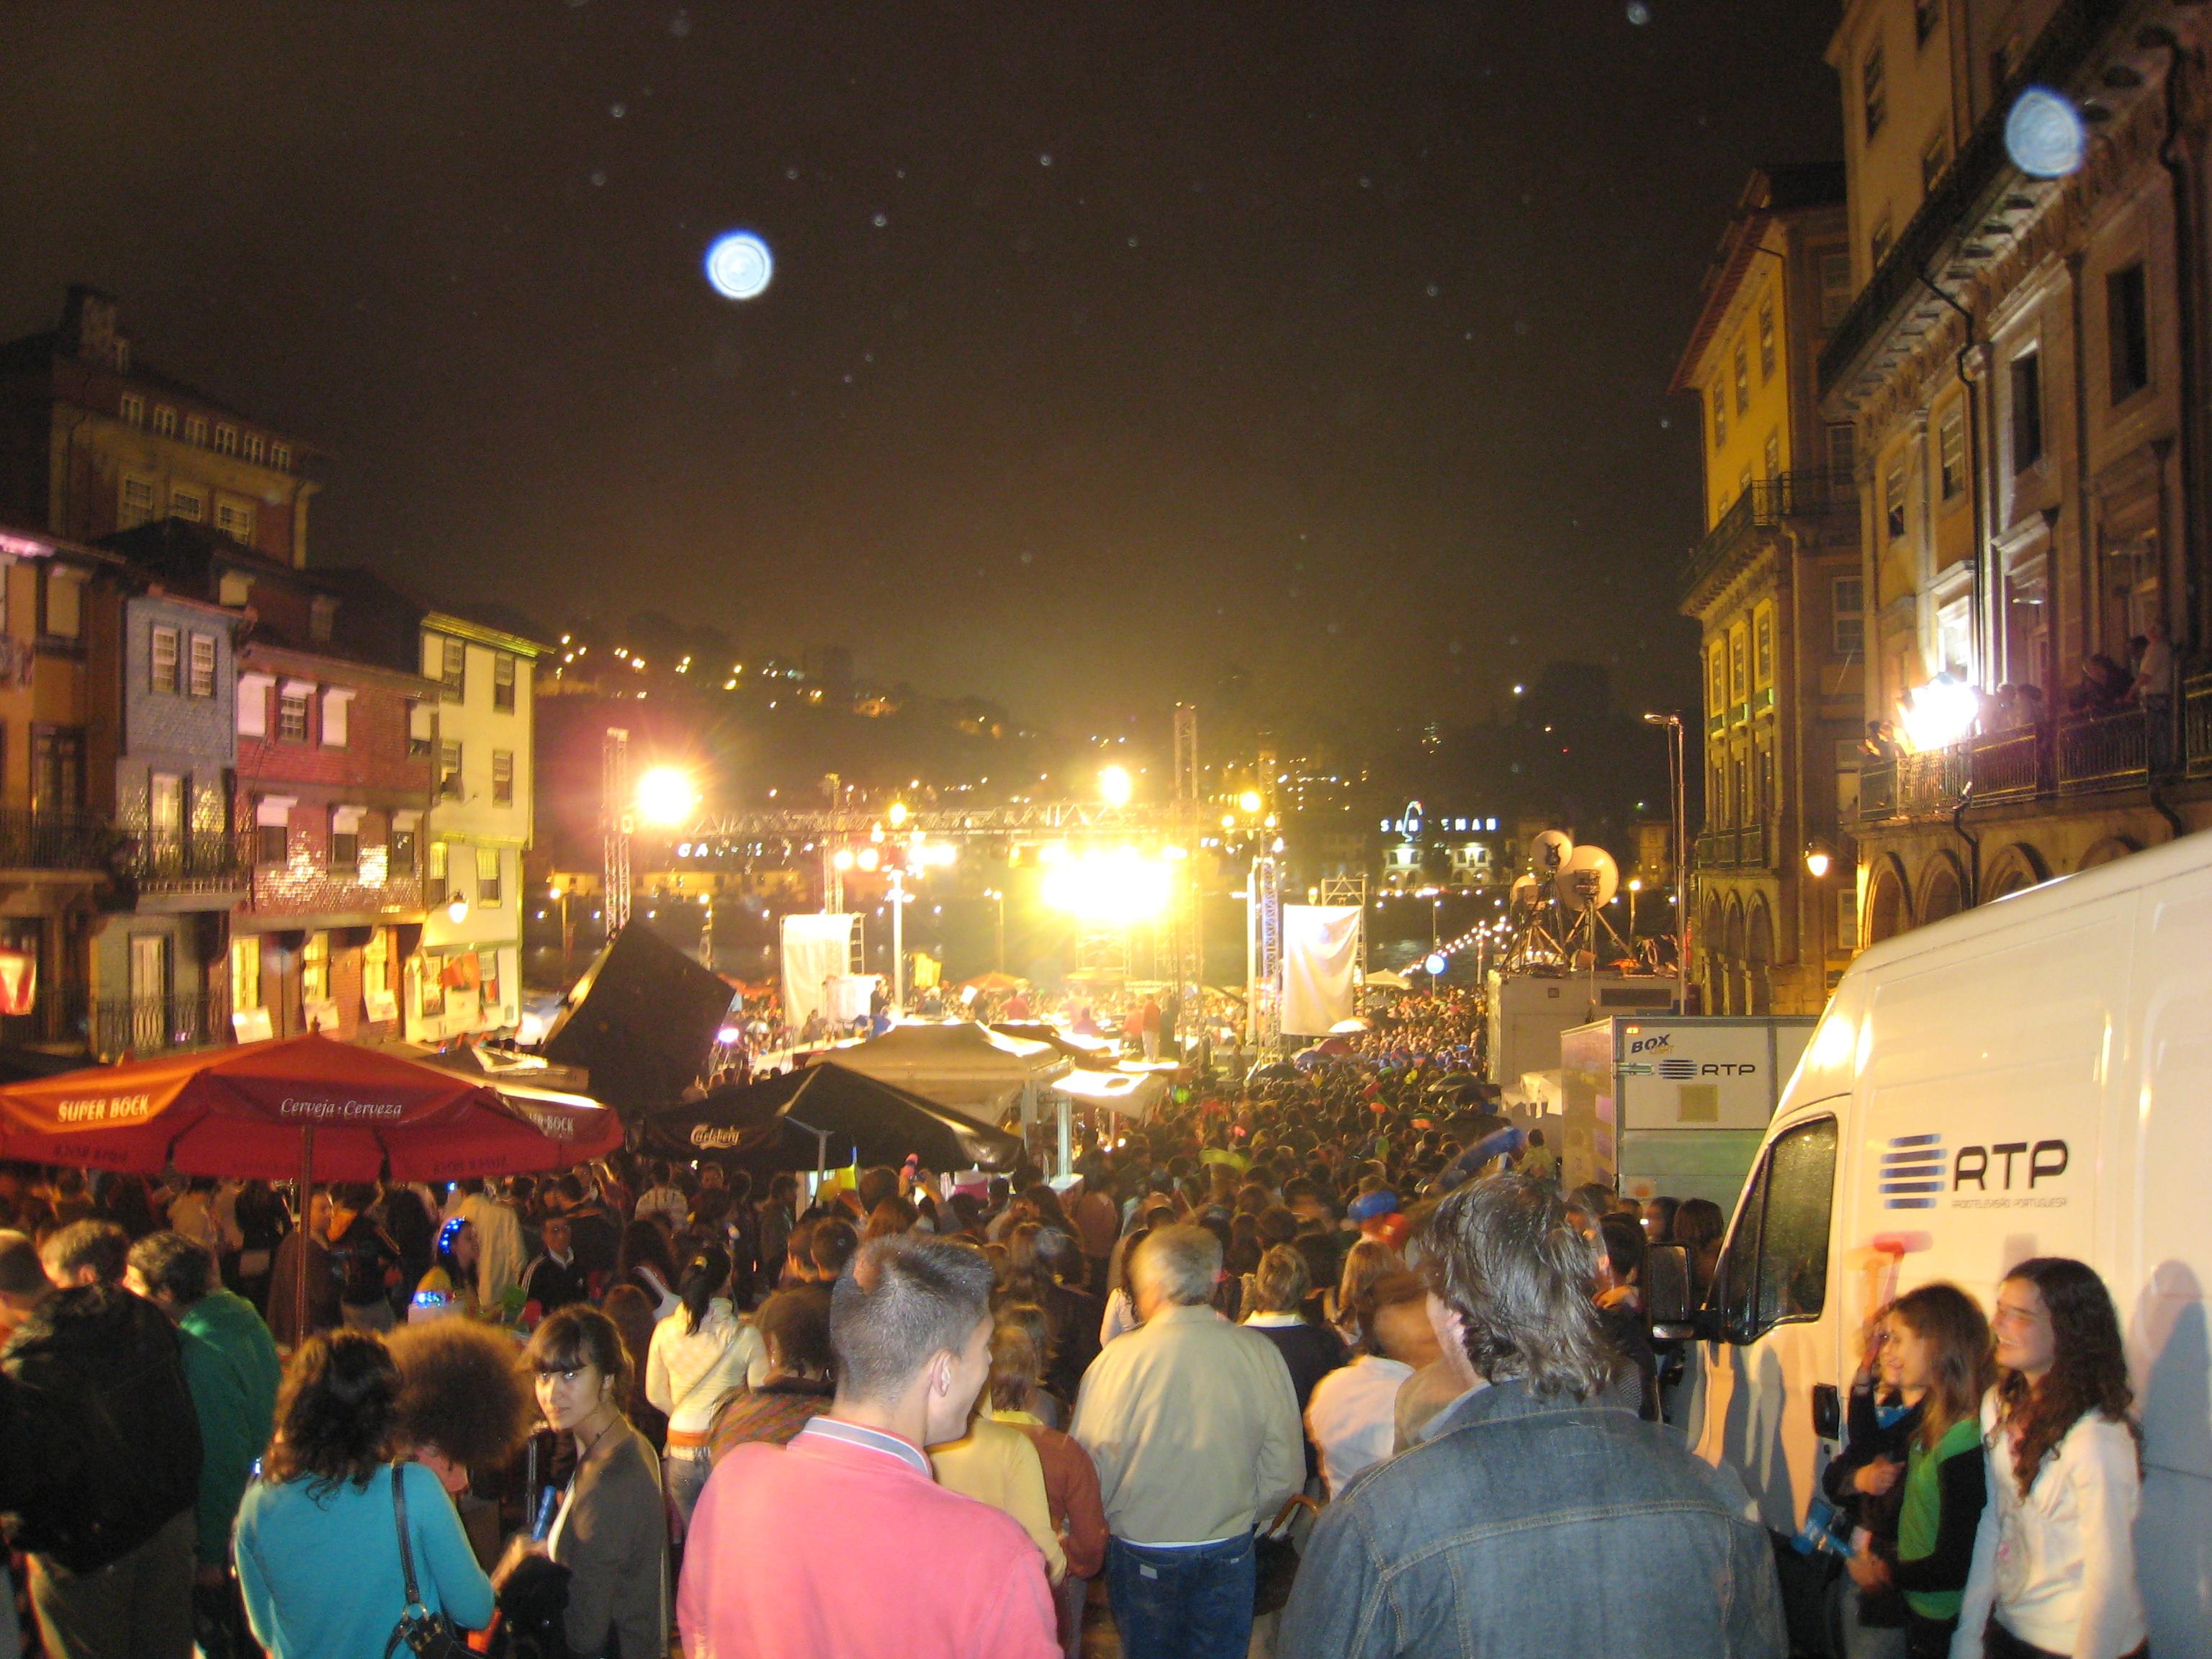 St. John's festival in Porto.